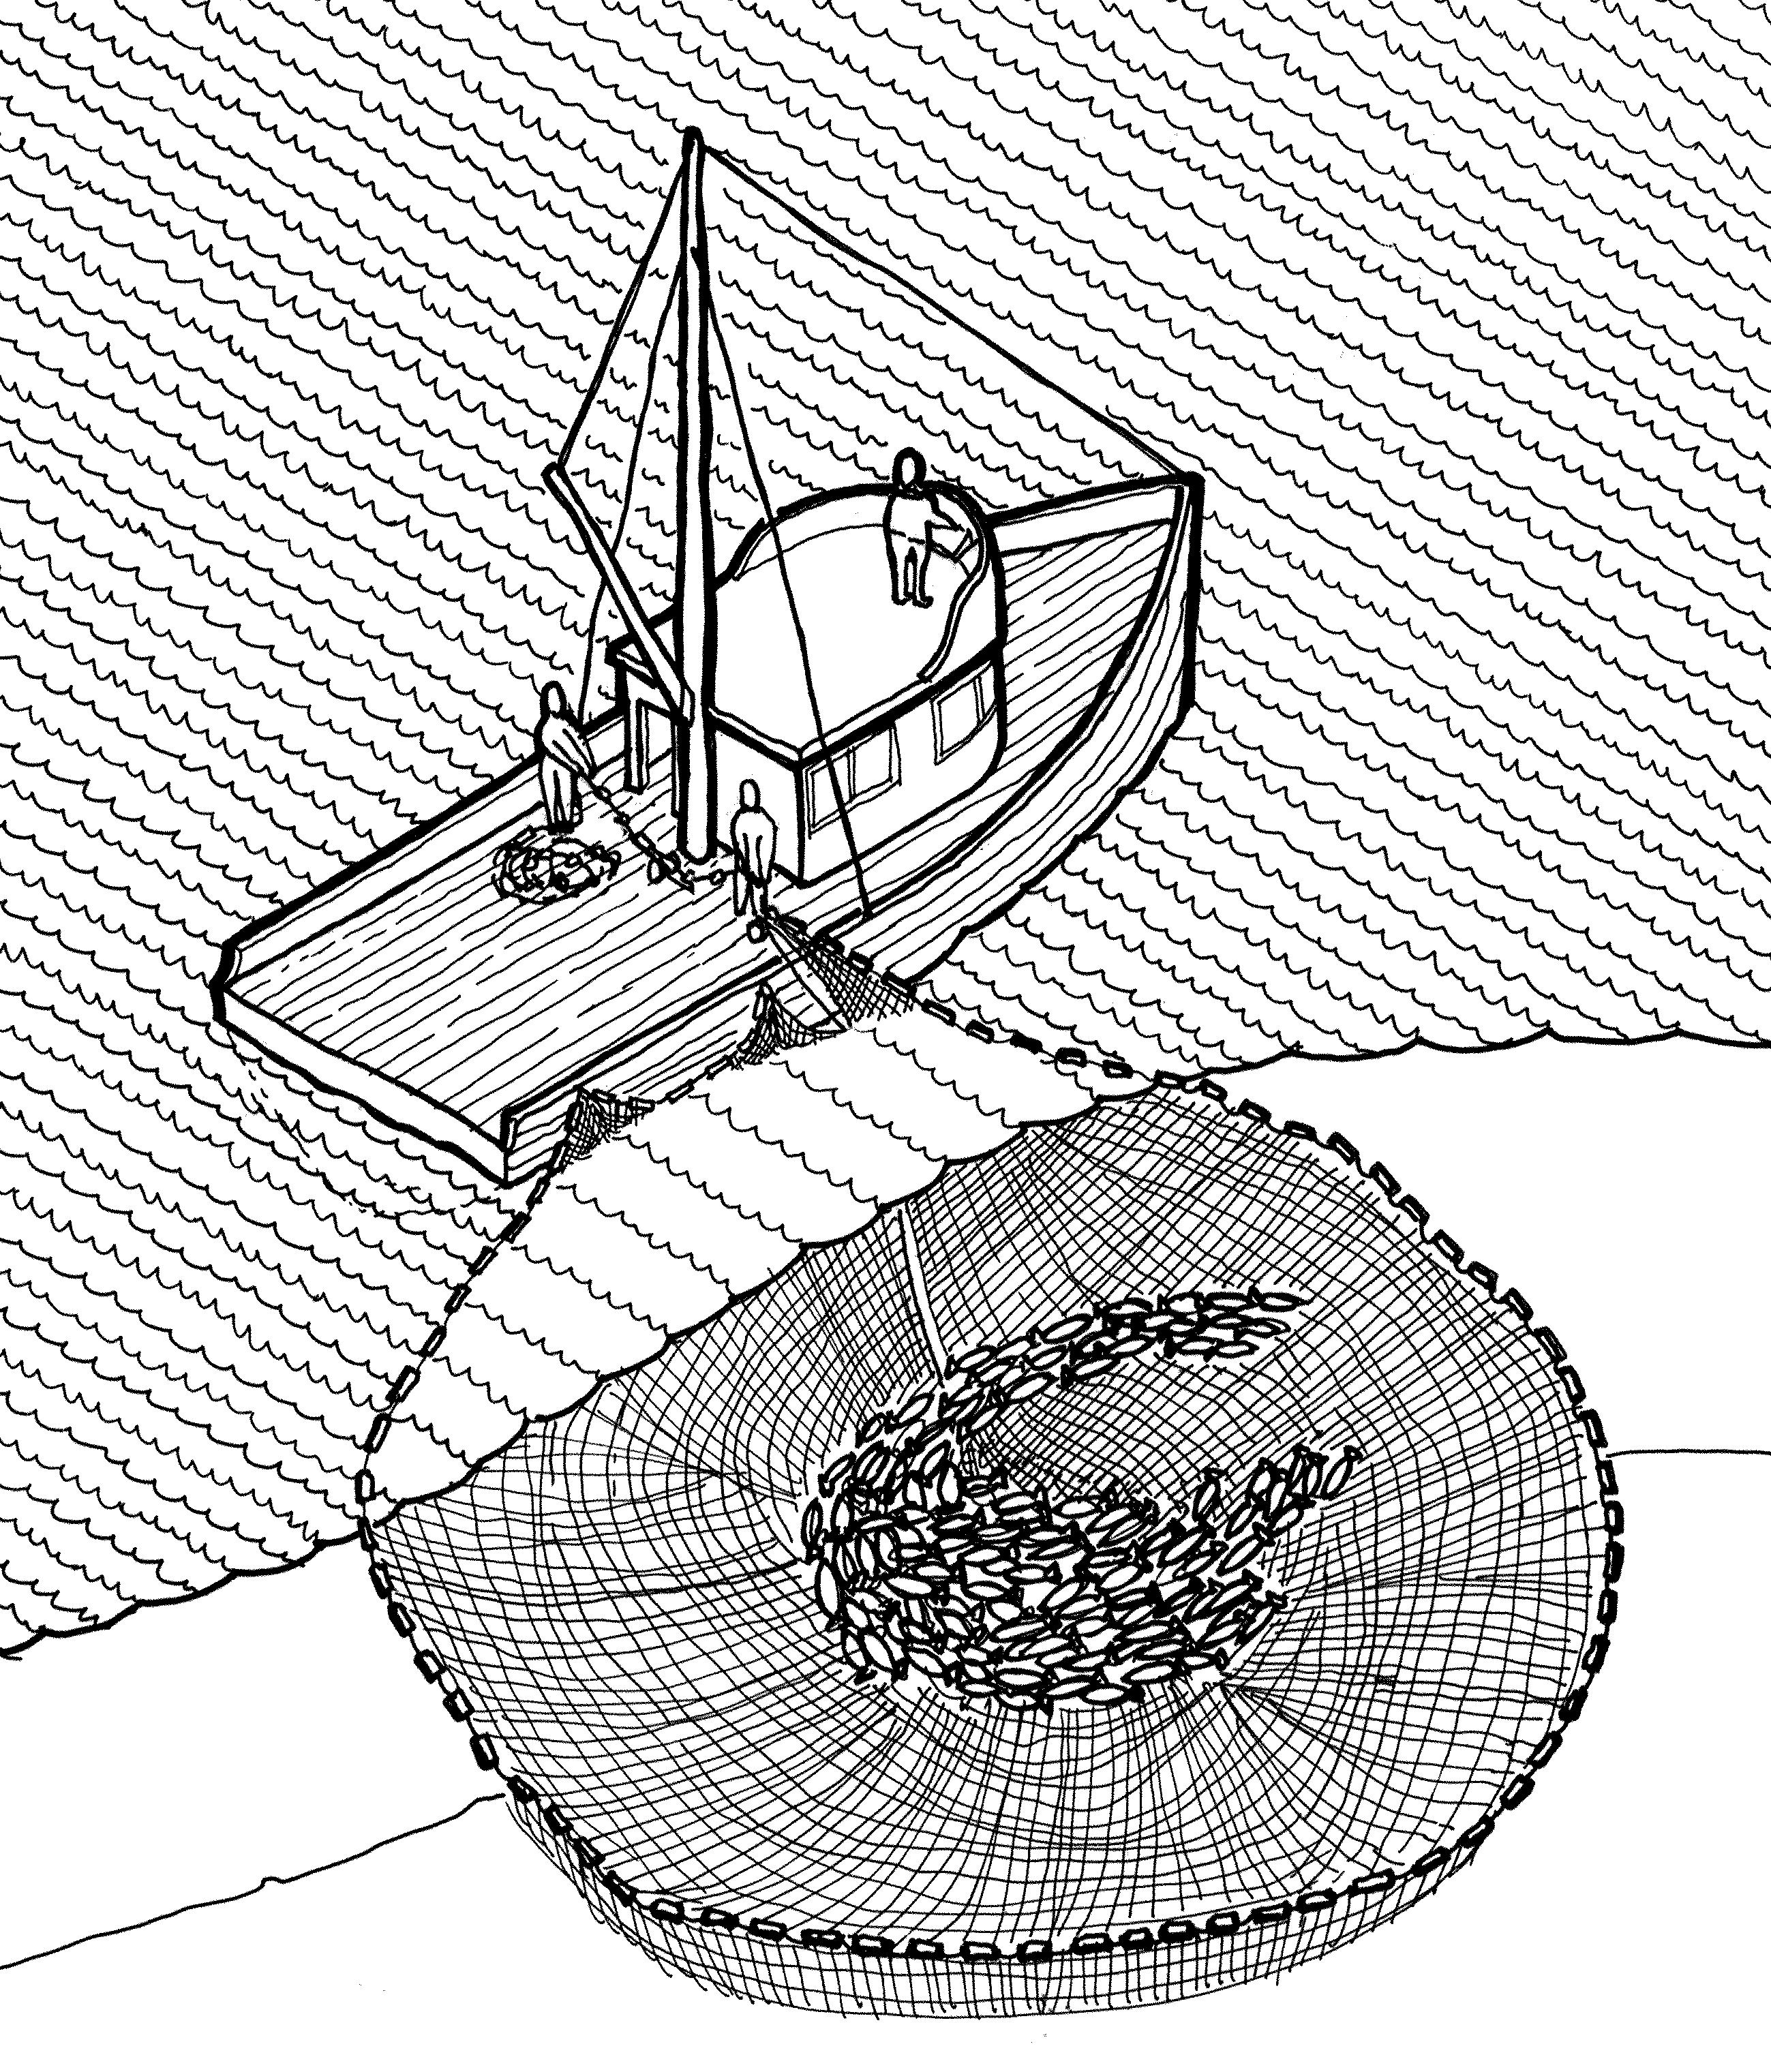 File purse seine illustration historic american for Cerco illustratore